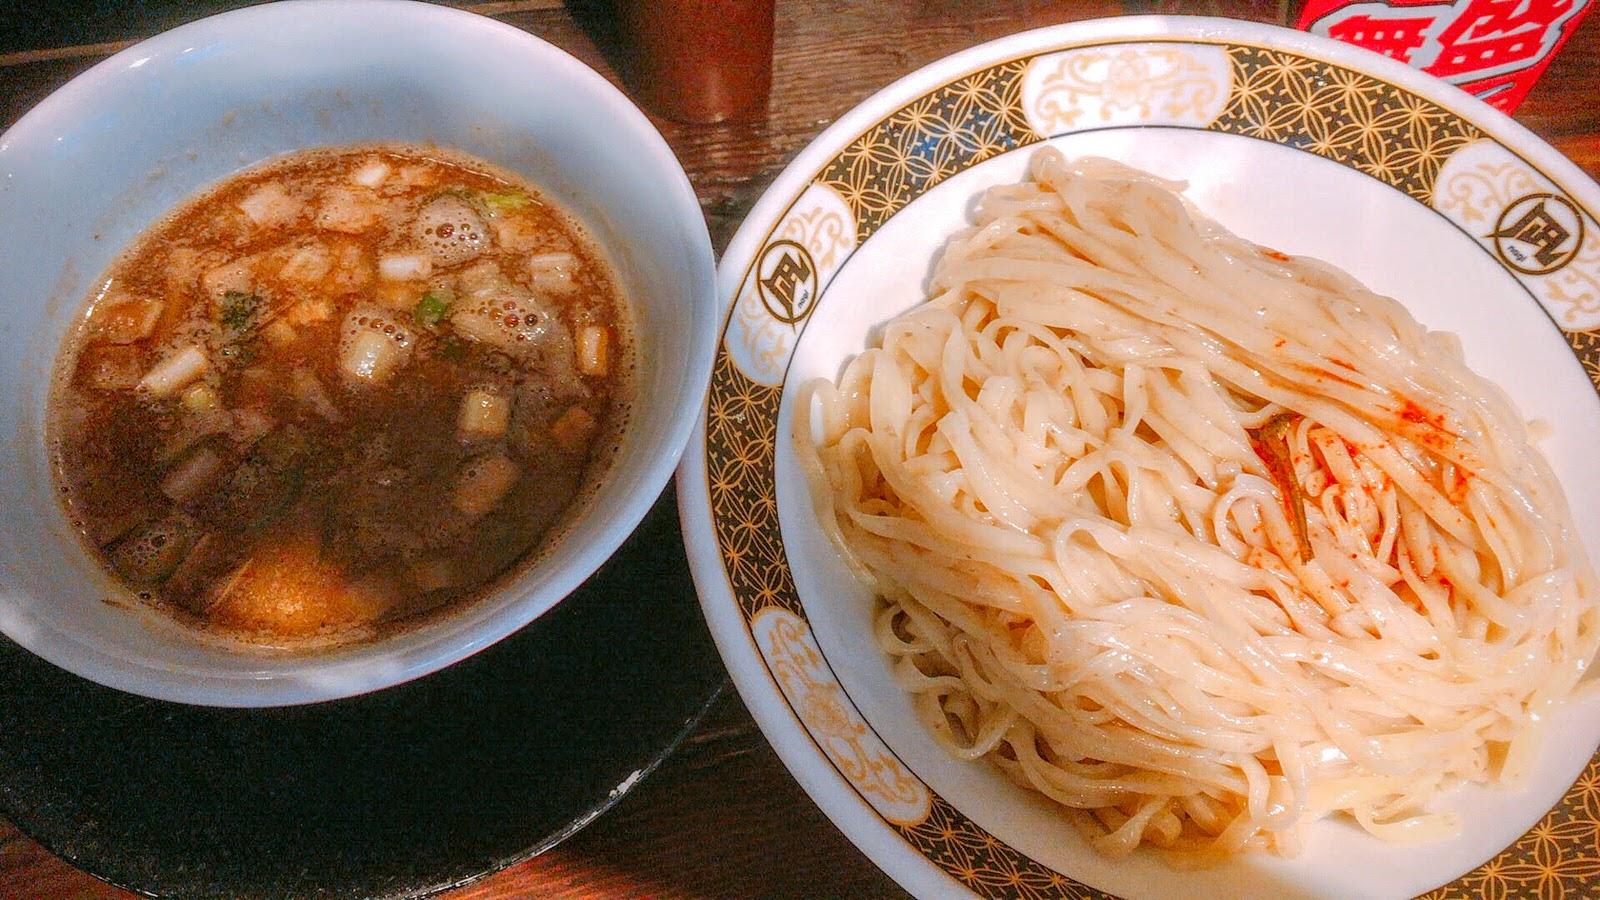 煮干しのにおいが食欲をそそる!「すごい煮干ラーメン凪 渋谷東口店」